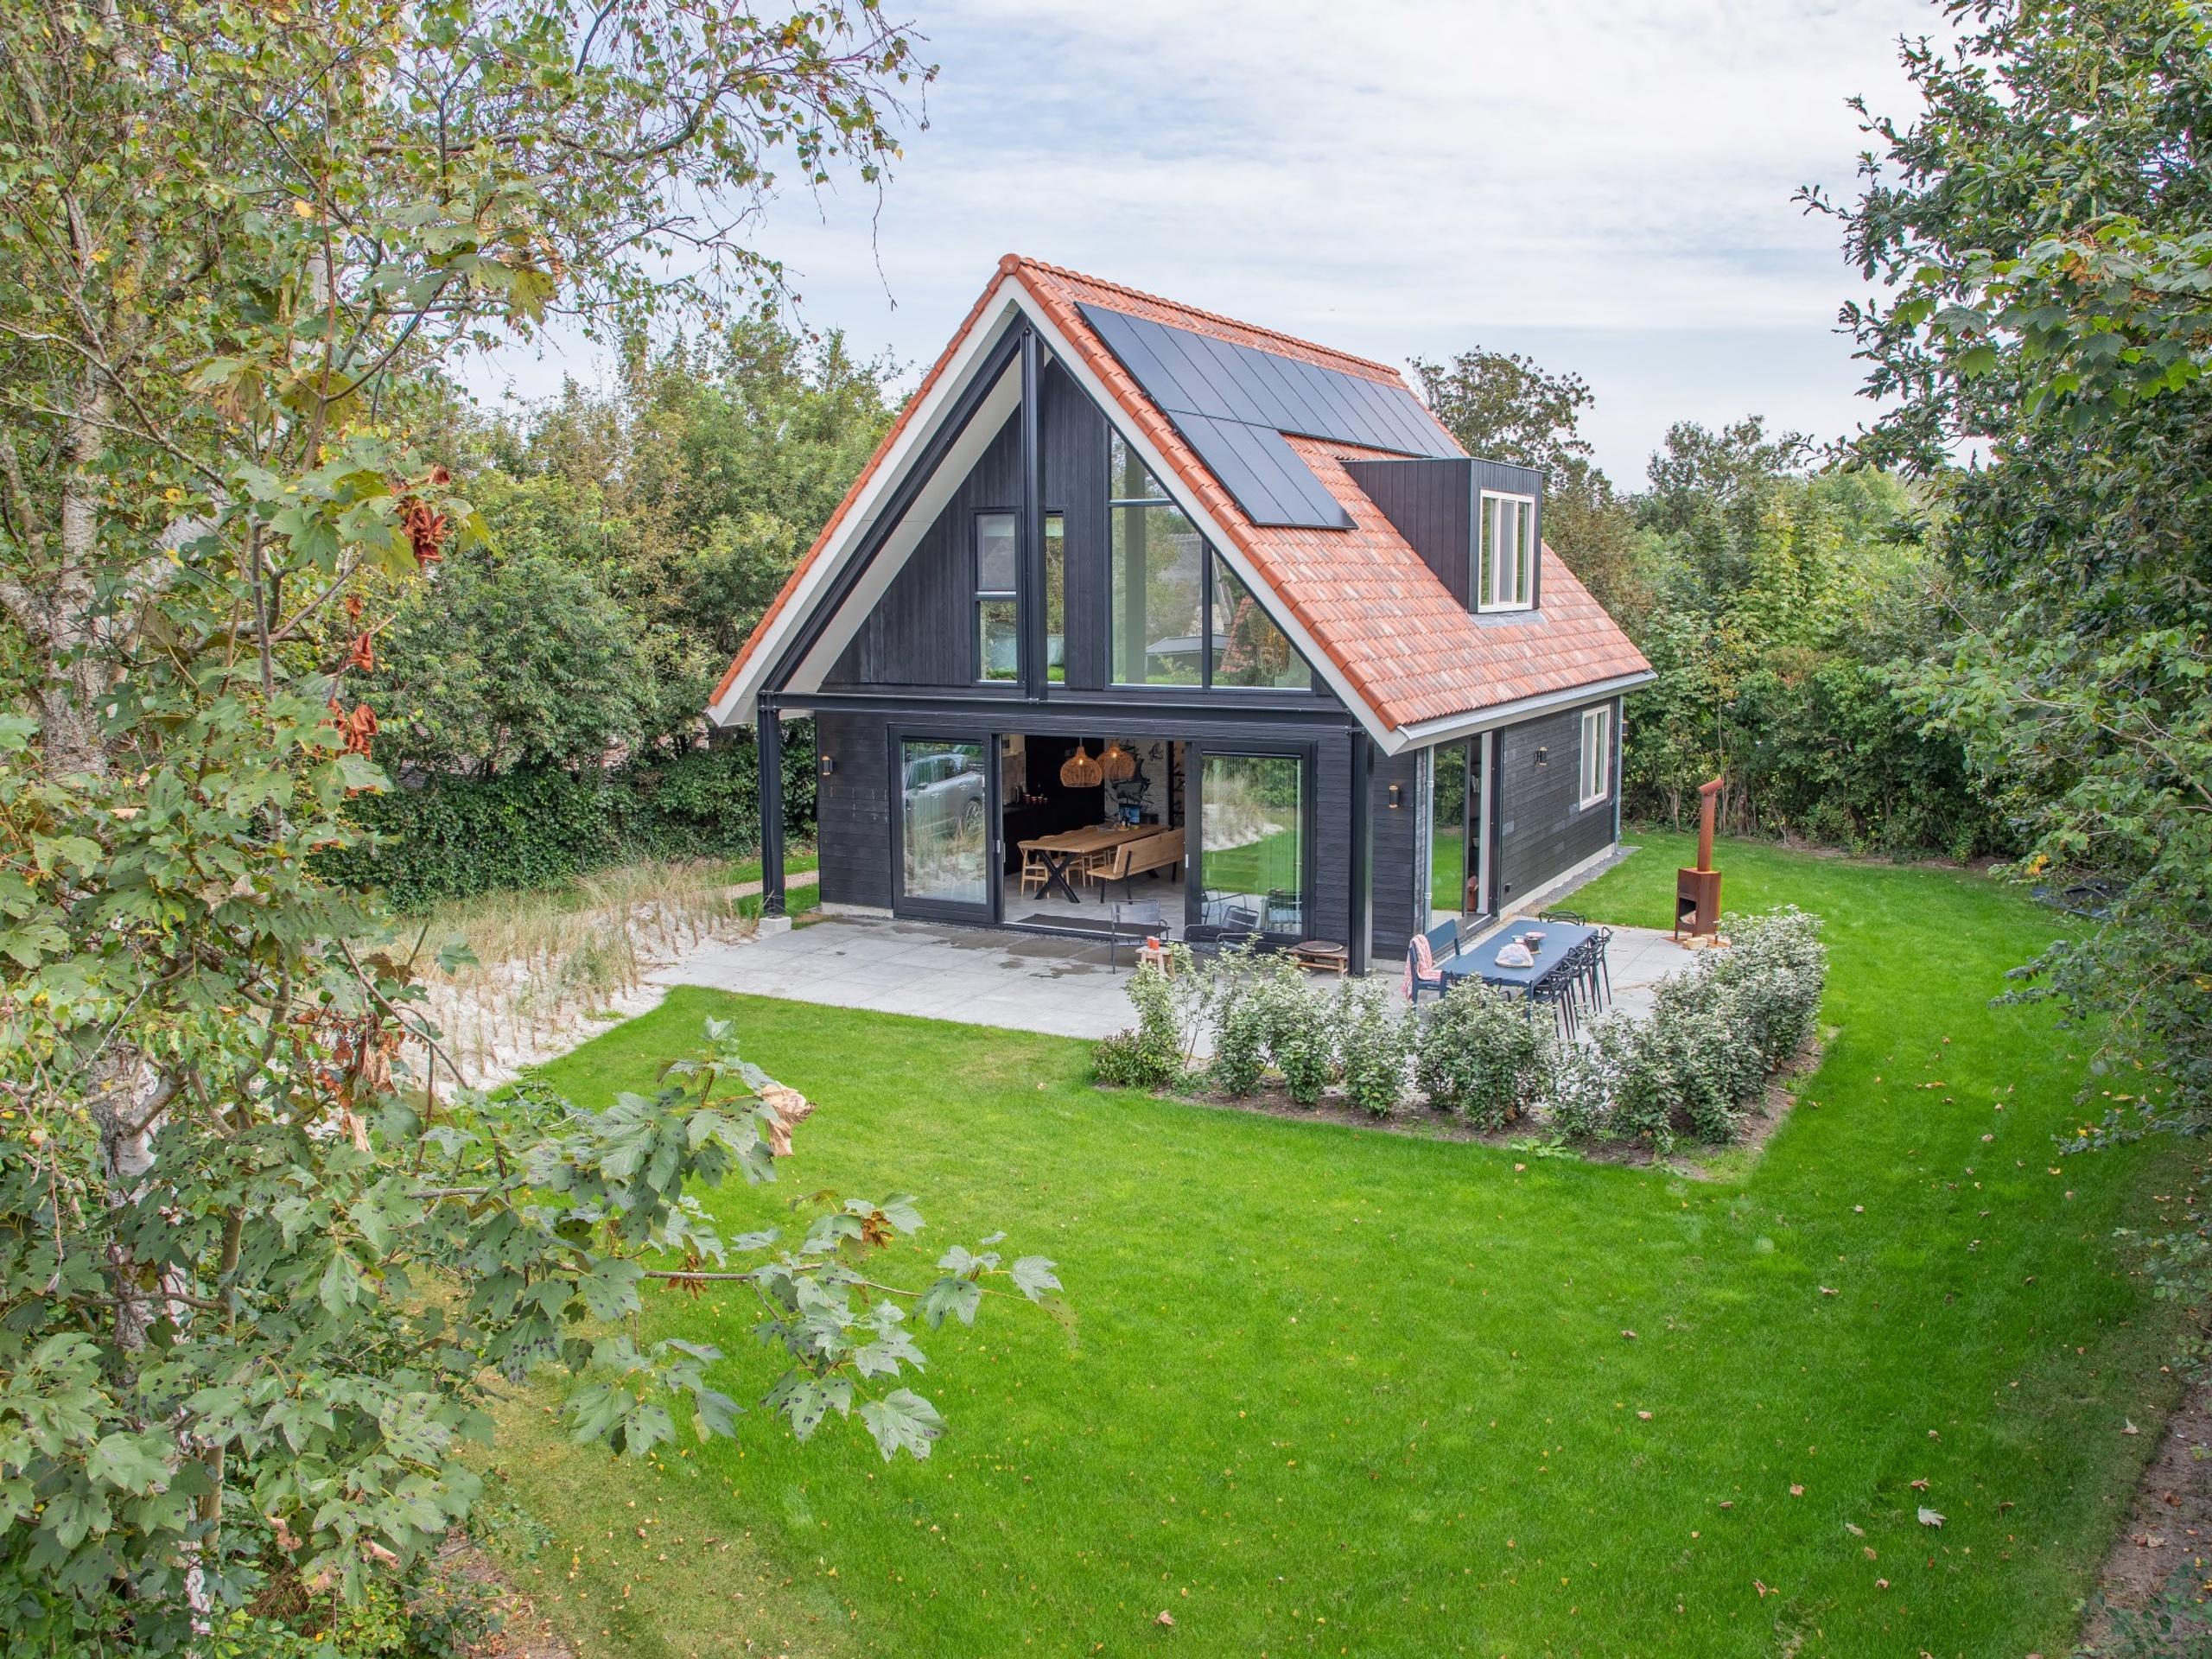 Dit nieuwe vakantiehuis aan de rand van het bos is voorzien van een stijlvolle inrichting